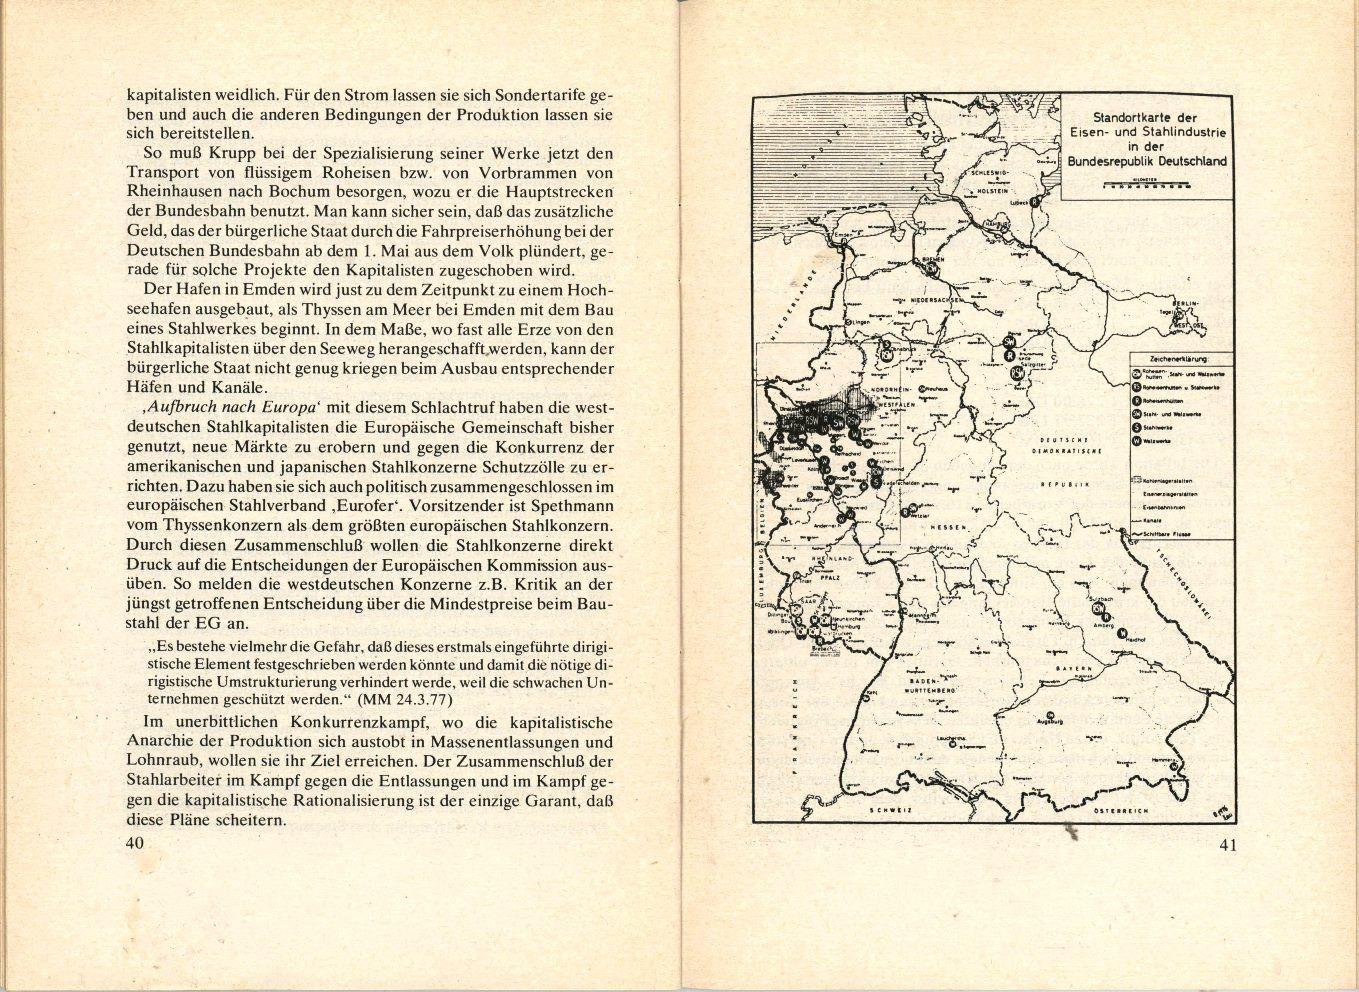 IGM_KBW_Krise_in_der_Stahlindustrie_1977_22